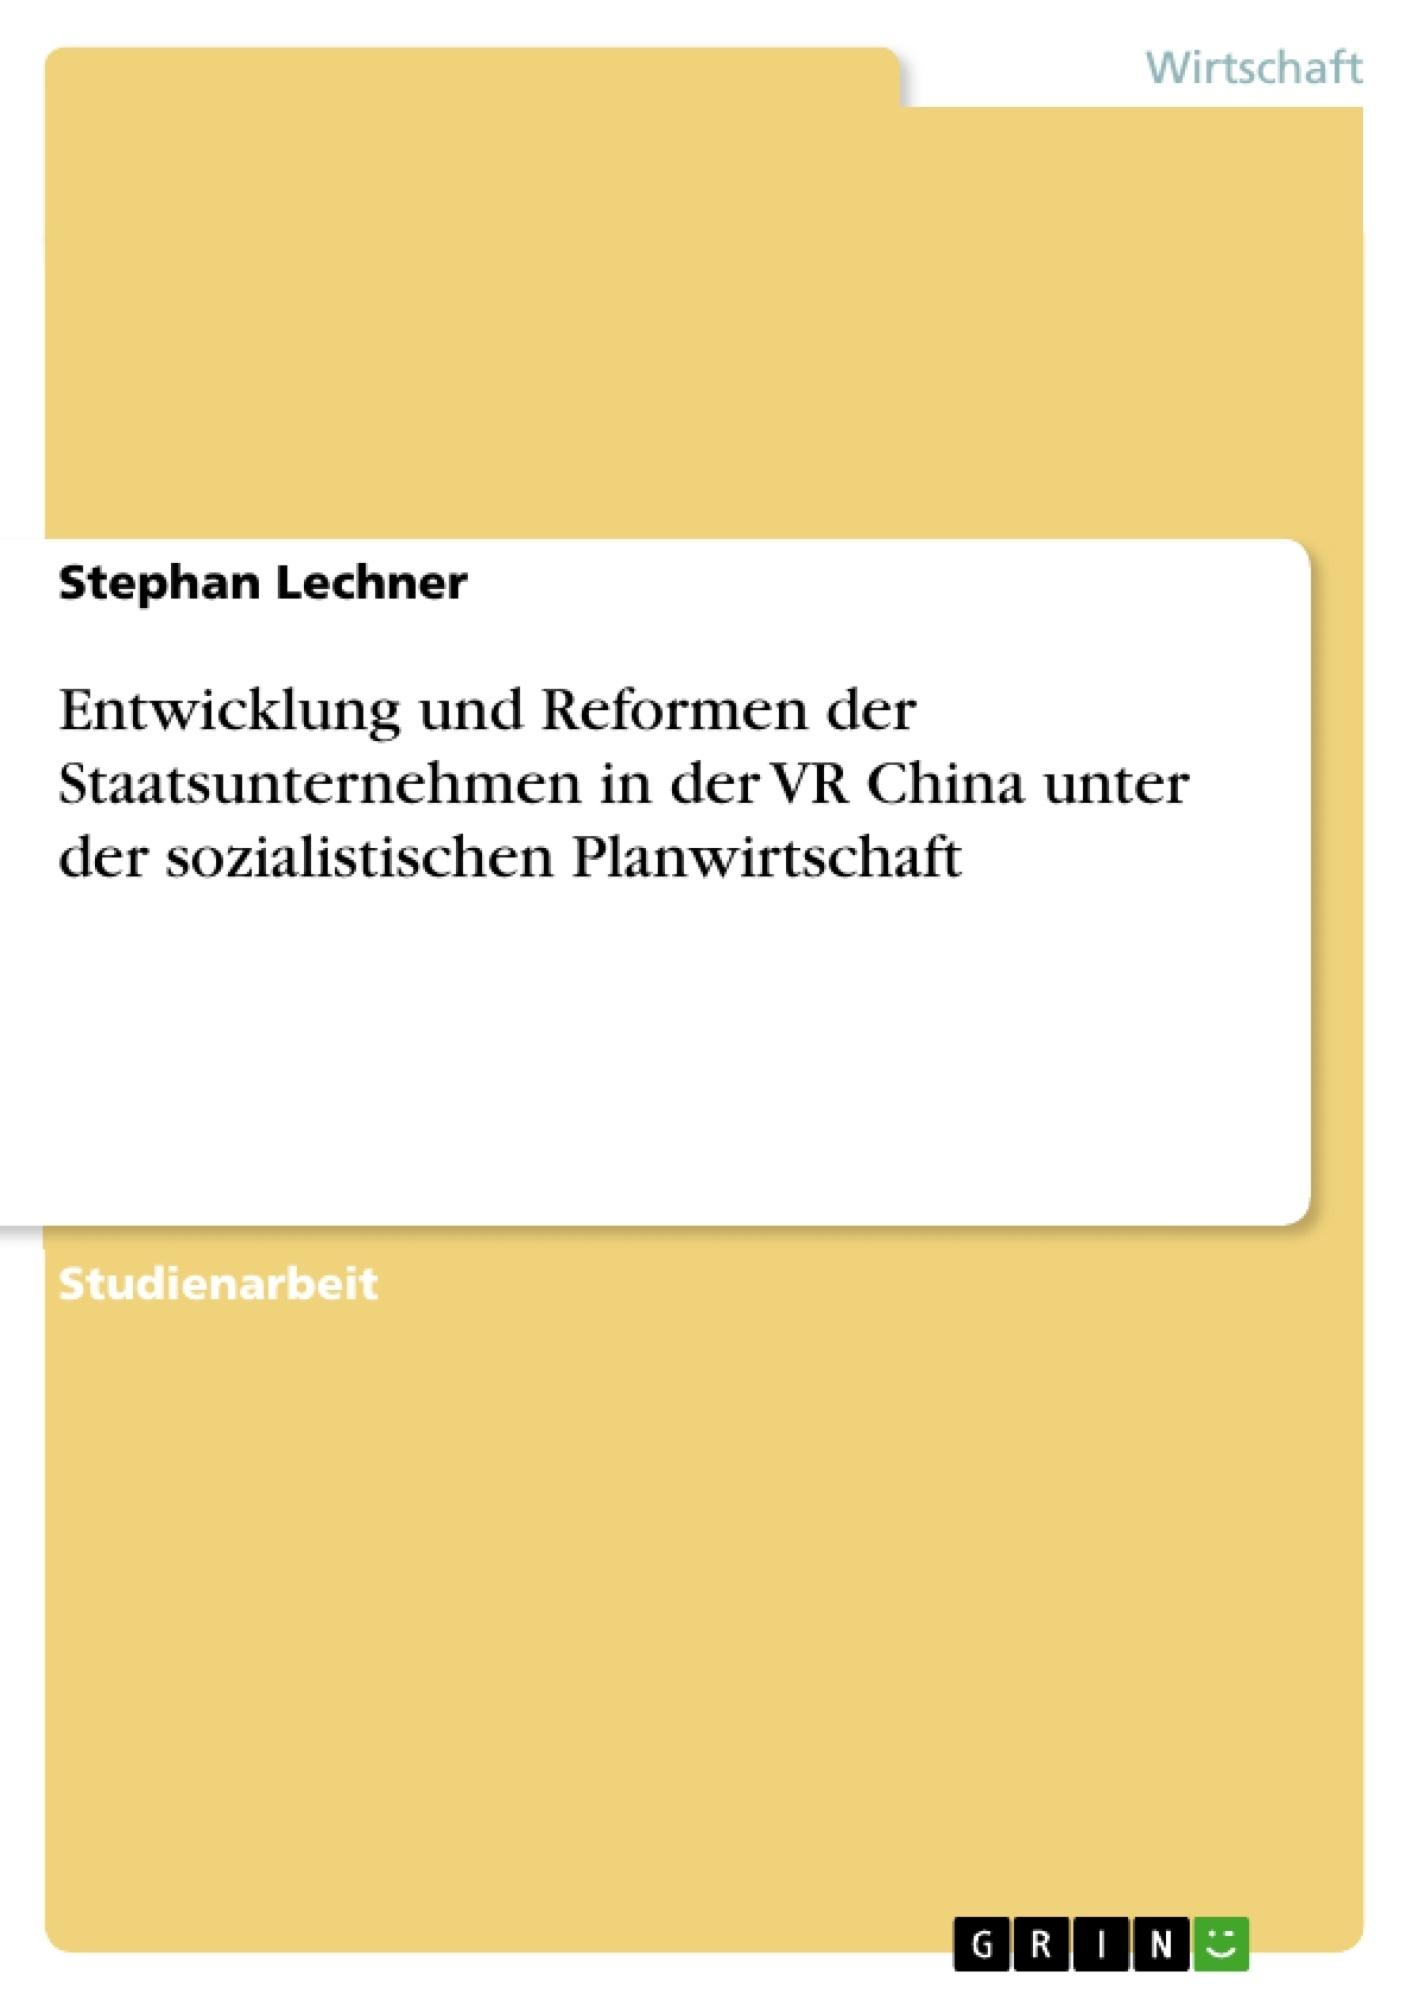 Titel: Entwicklung und Reformen der Staatsunternehmen in der VR China unter der sozialistischen Planwirtschaft